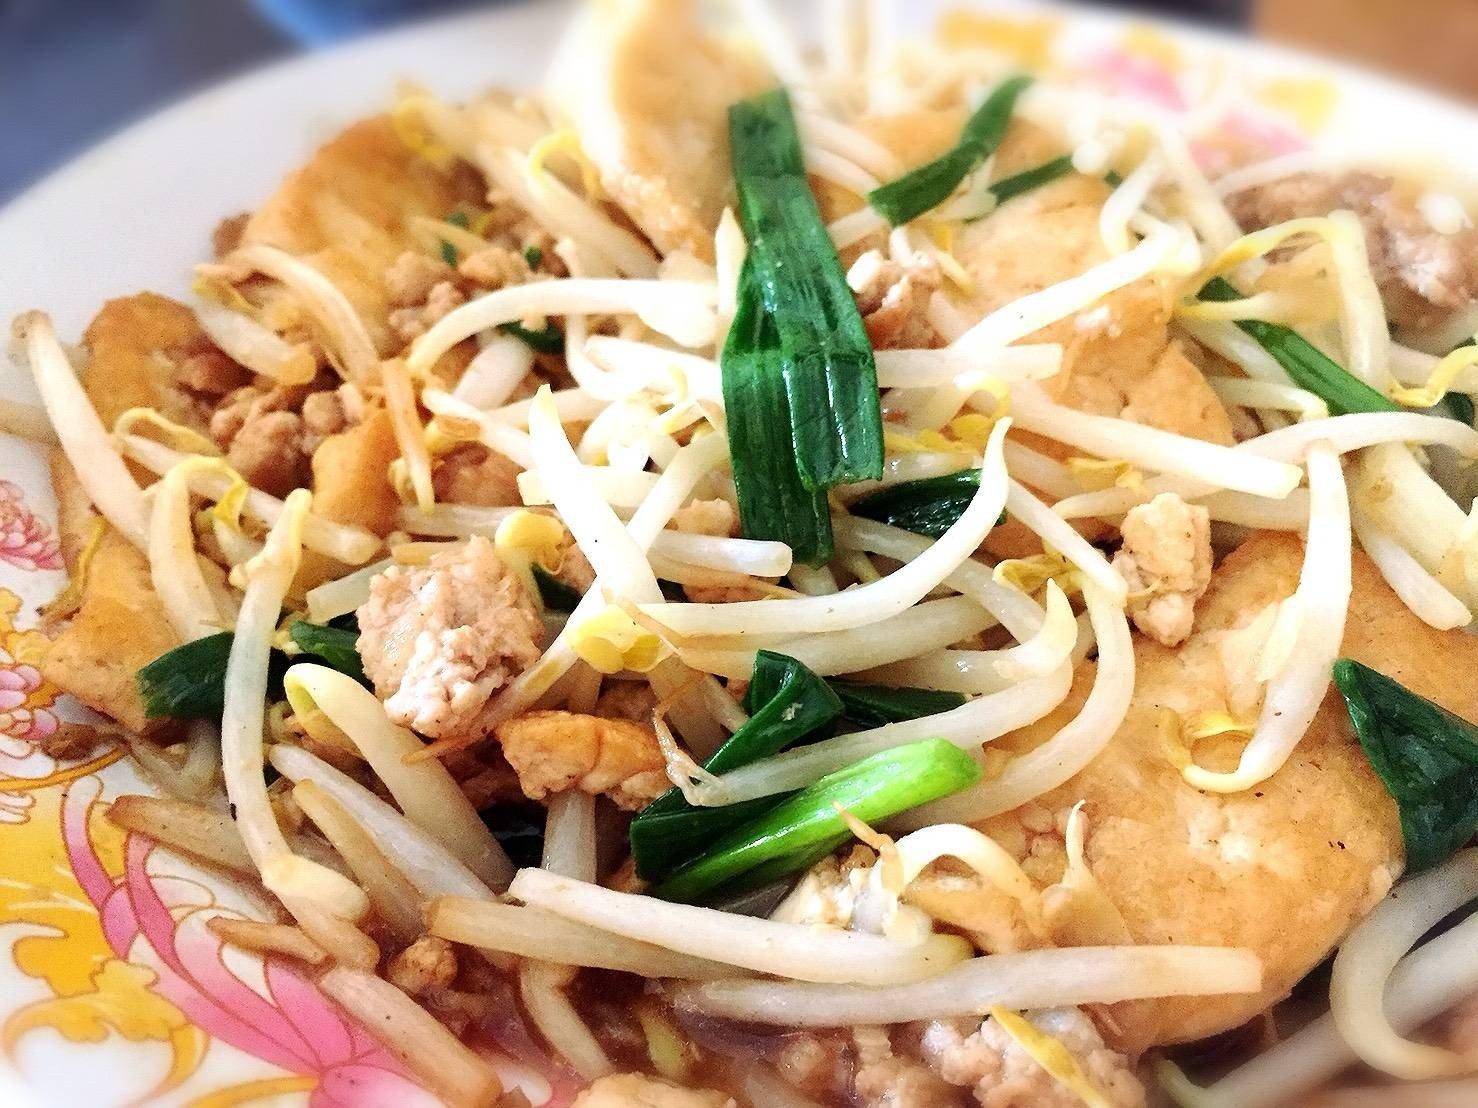 สูตร ผัดถั่วงอกใส่เต้าหู้ พร้อมวิธีทำโดย Prasit Chuensirikulchai - Wongnai  Cooking